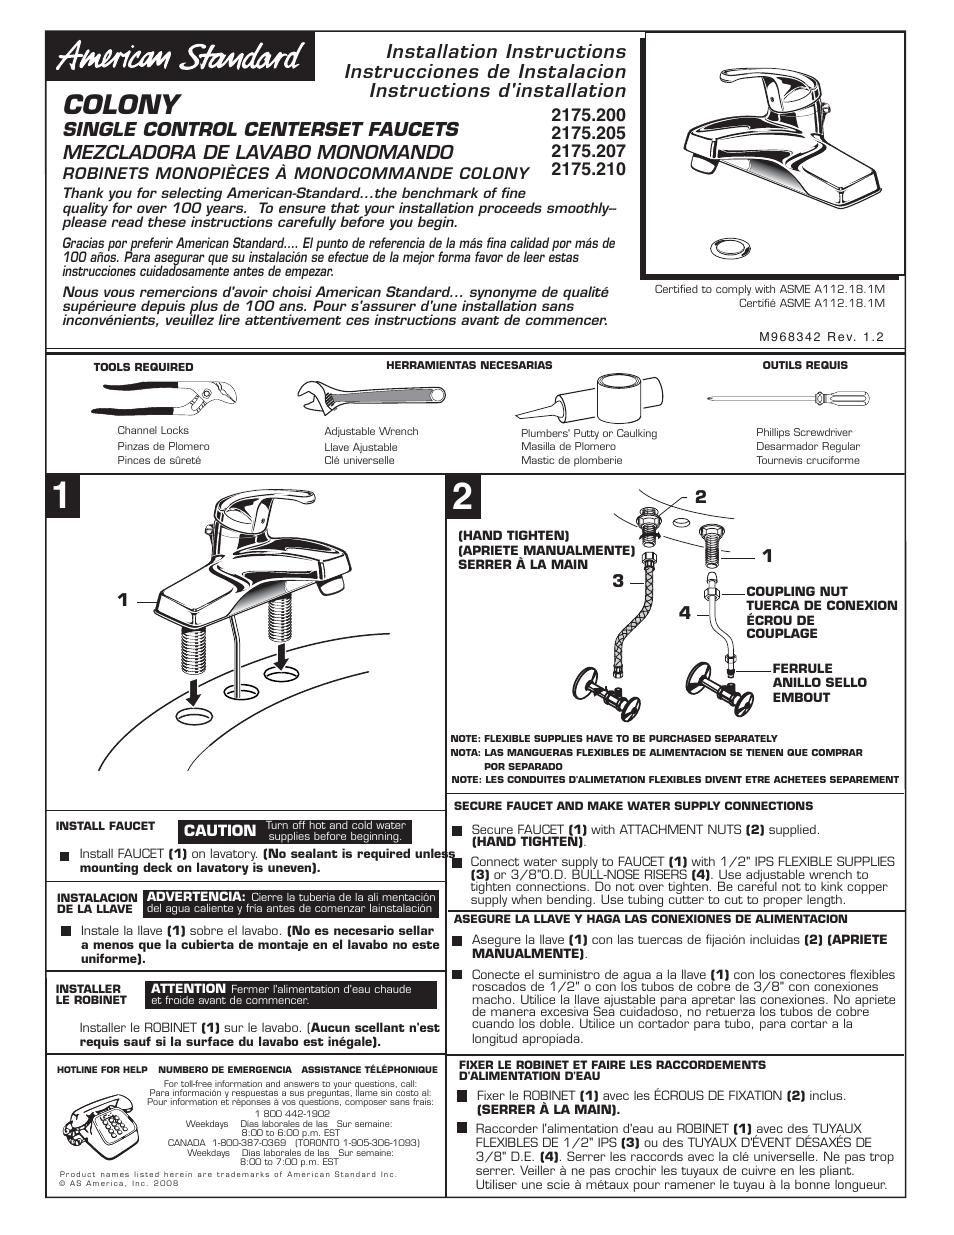 american standard 2175 21 user manual 2 pages original mode rh manualsdir com american standard heat pump user manual fender stratocaster american standard user manual